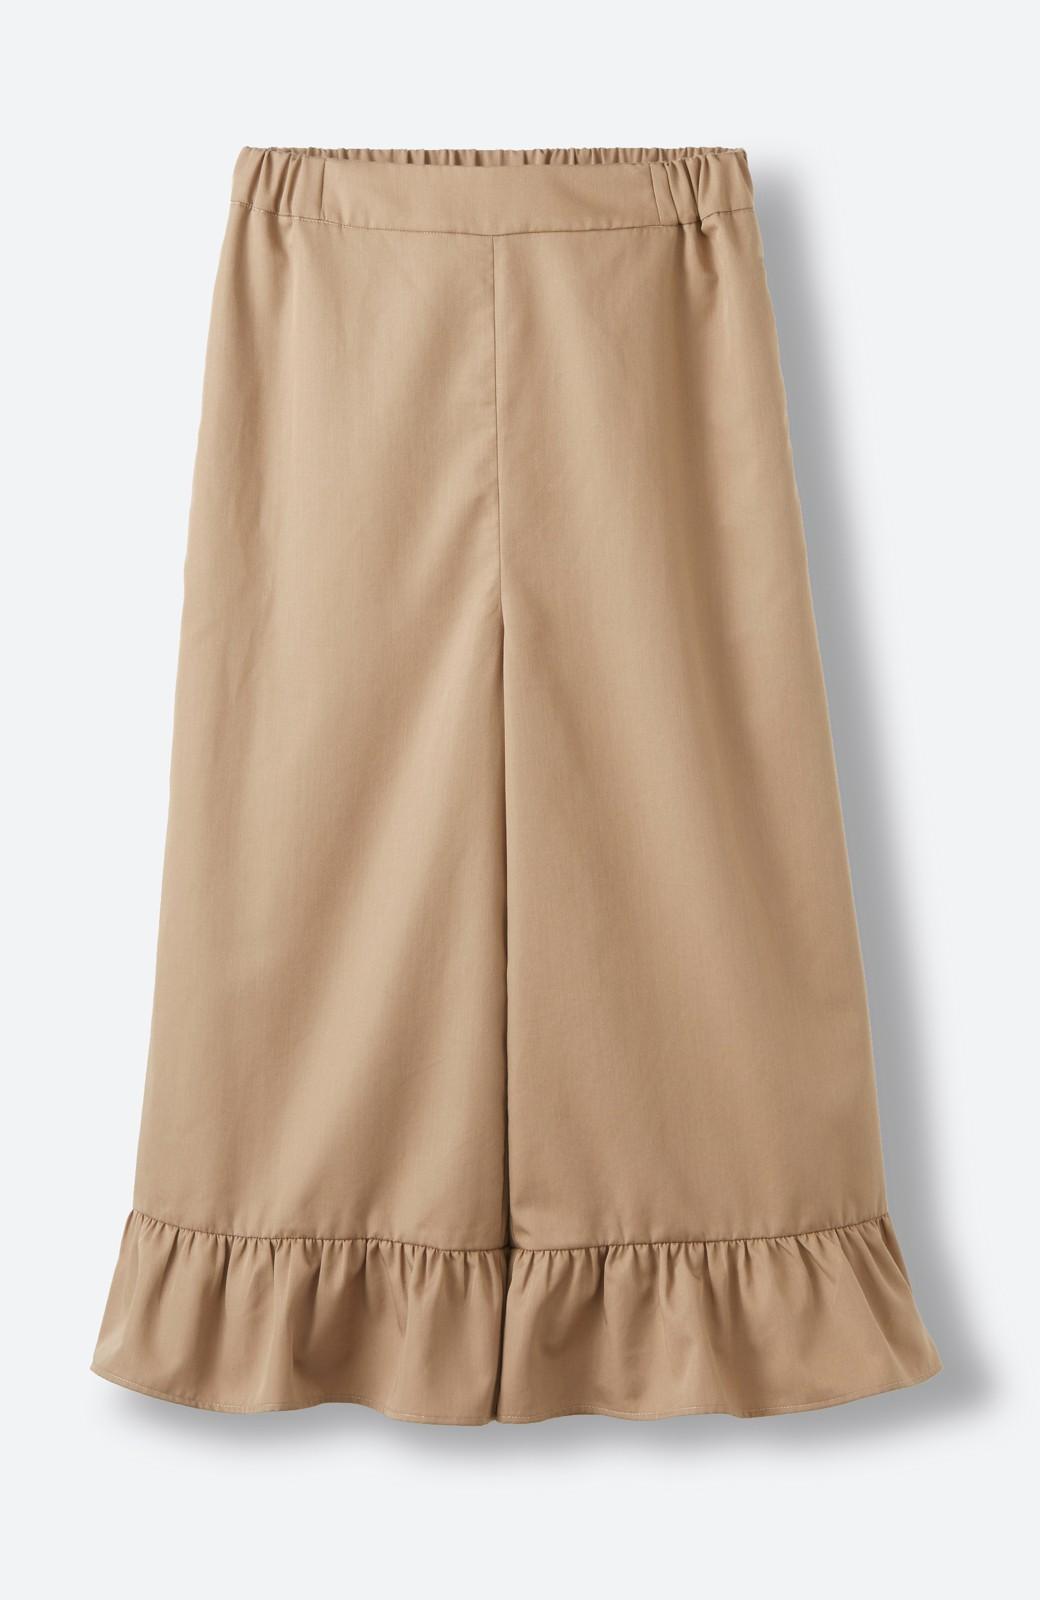 haco! スカート気分で楽しめる 華やかフレアーパンツ <ベージュ>の商品写真2